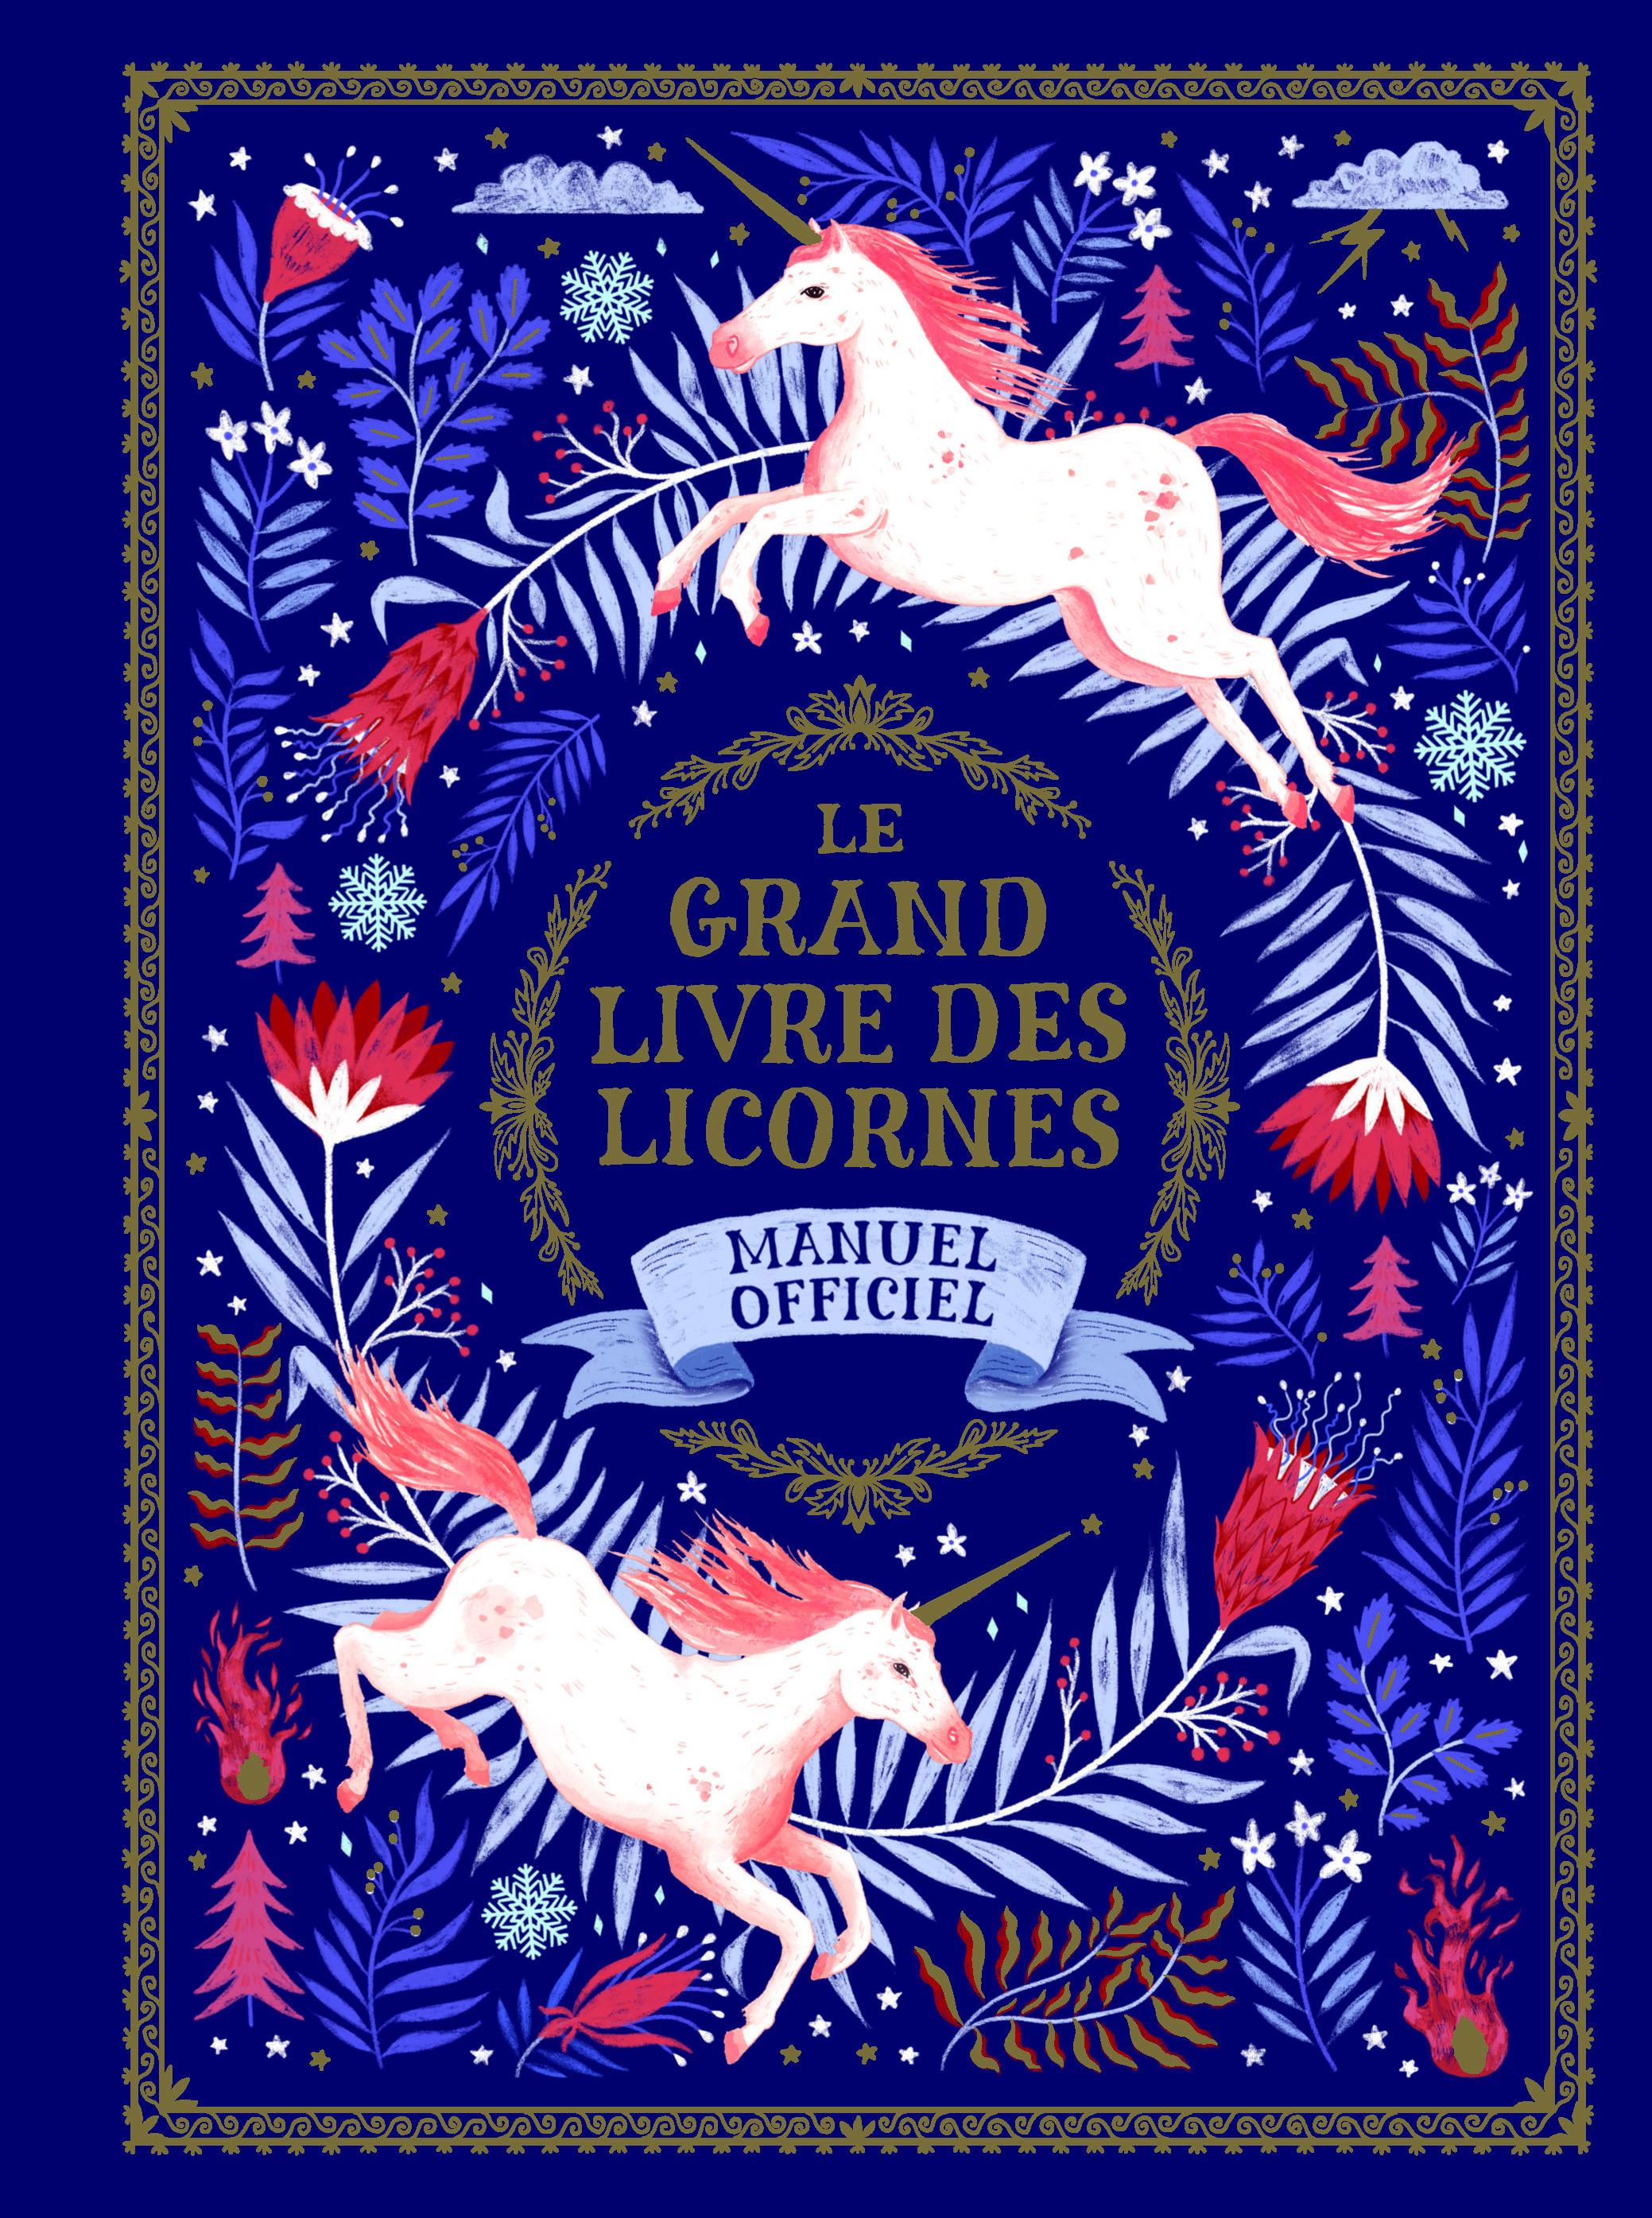 LE GRAND LIVRE DES LICORNES - MANUEL OFFICIEL